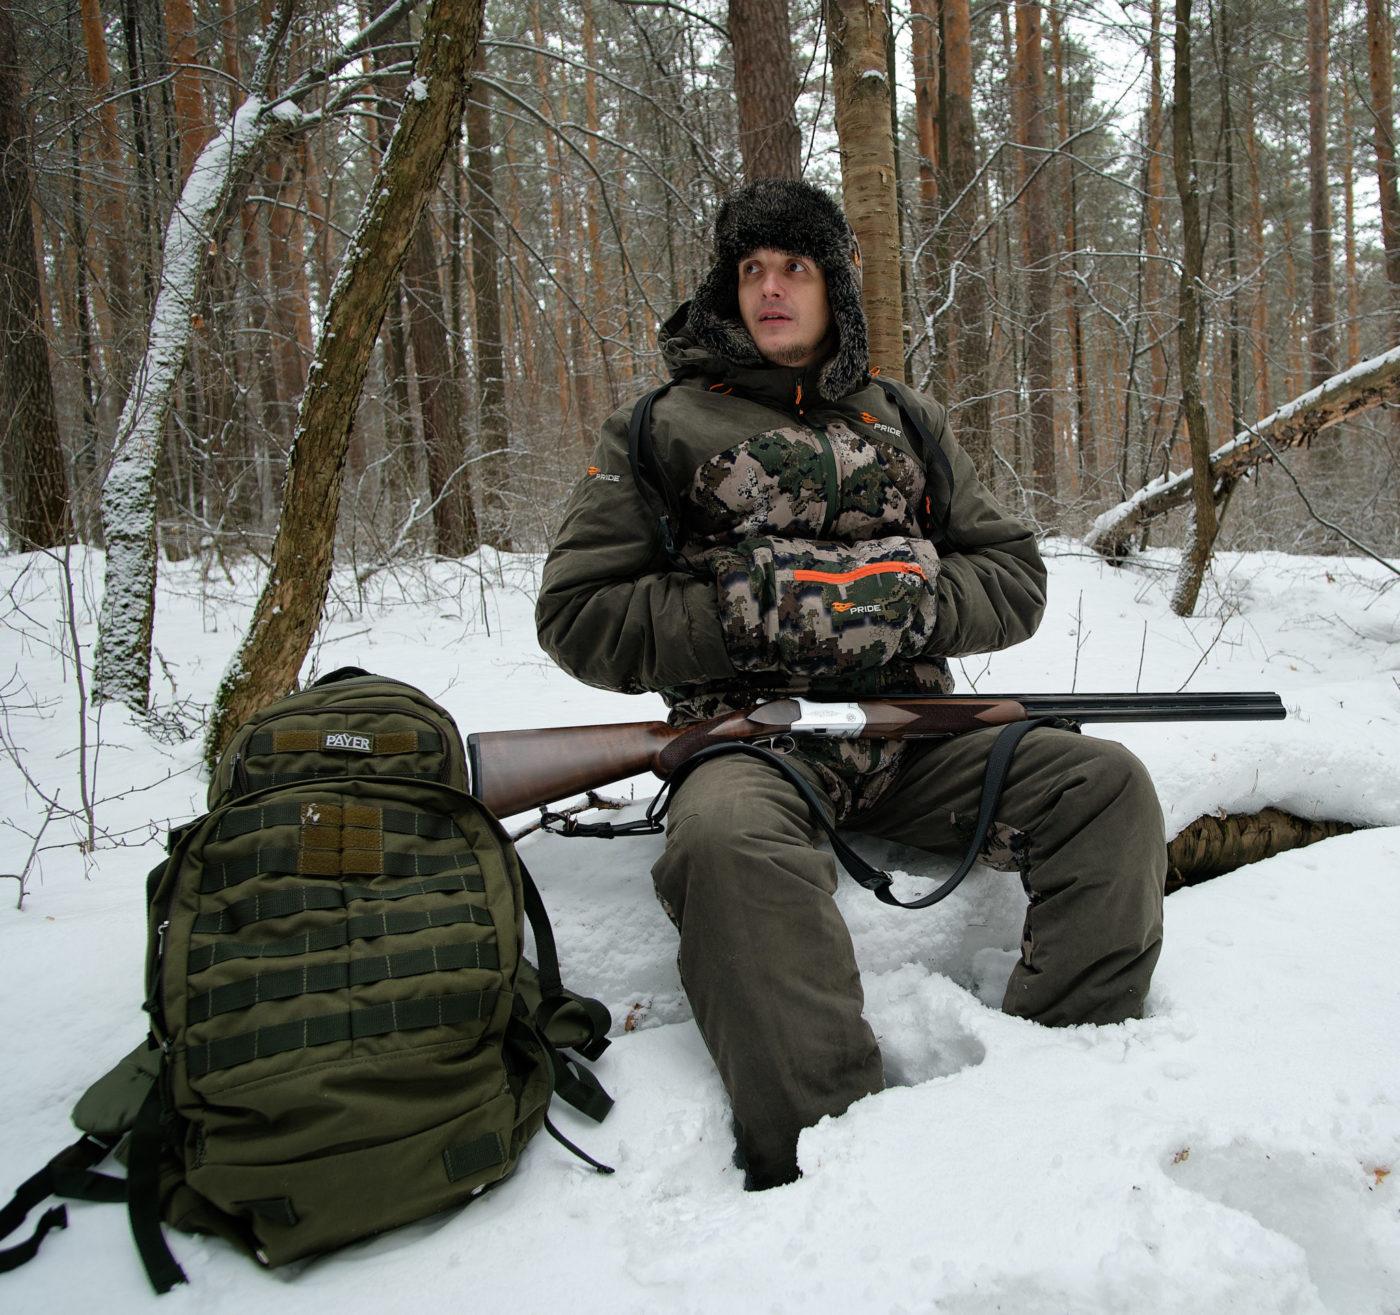 Зимний костюм PRIDE Кобра зима.